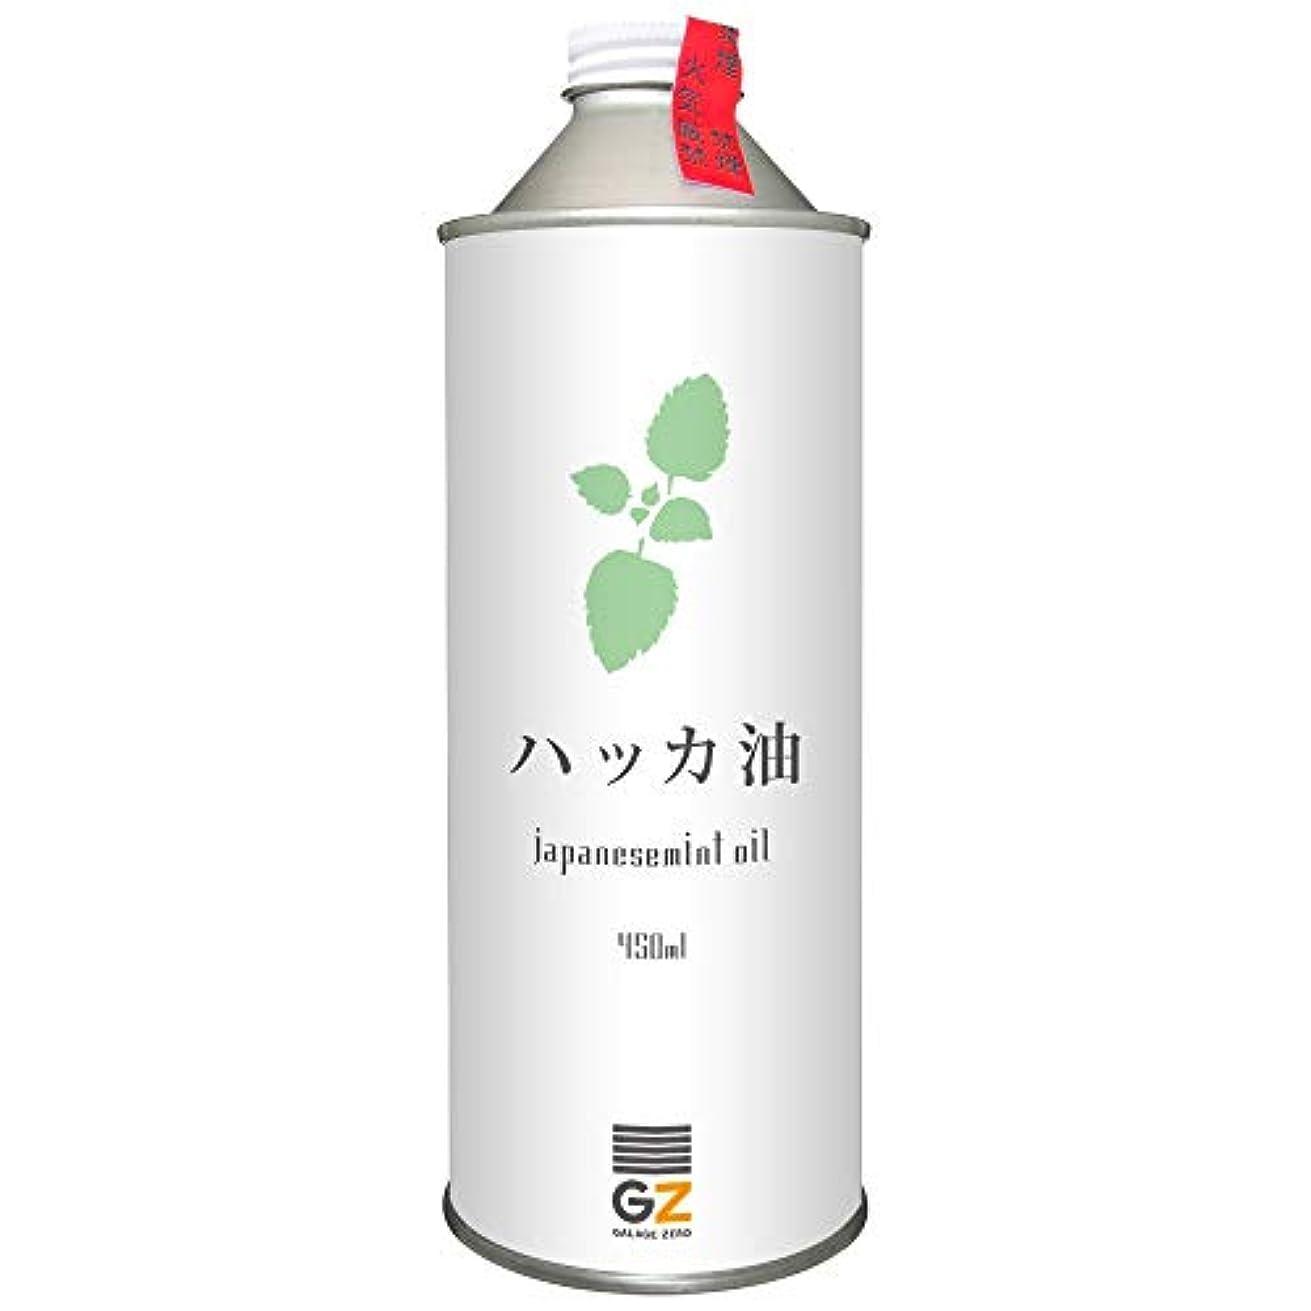 納税者コンペ勉強するガレージゼロ ハッカ油 (450ml)